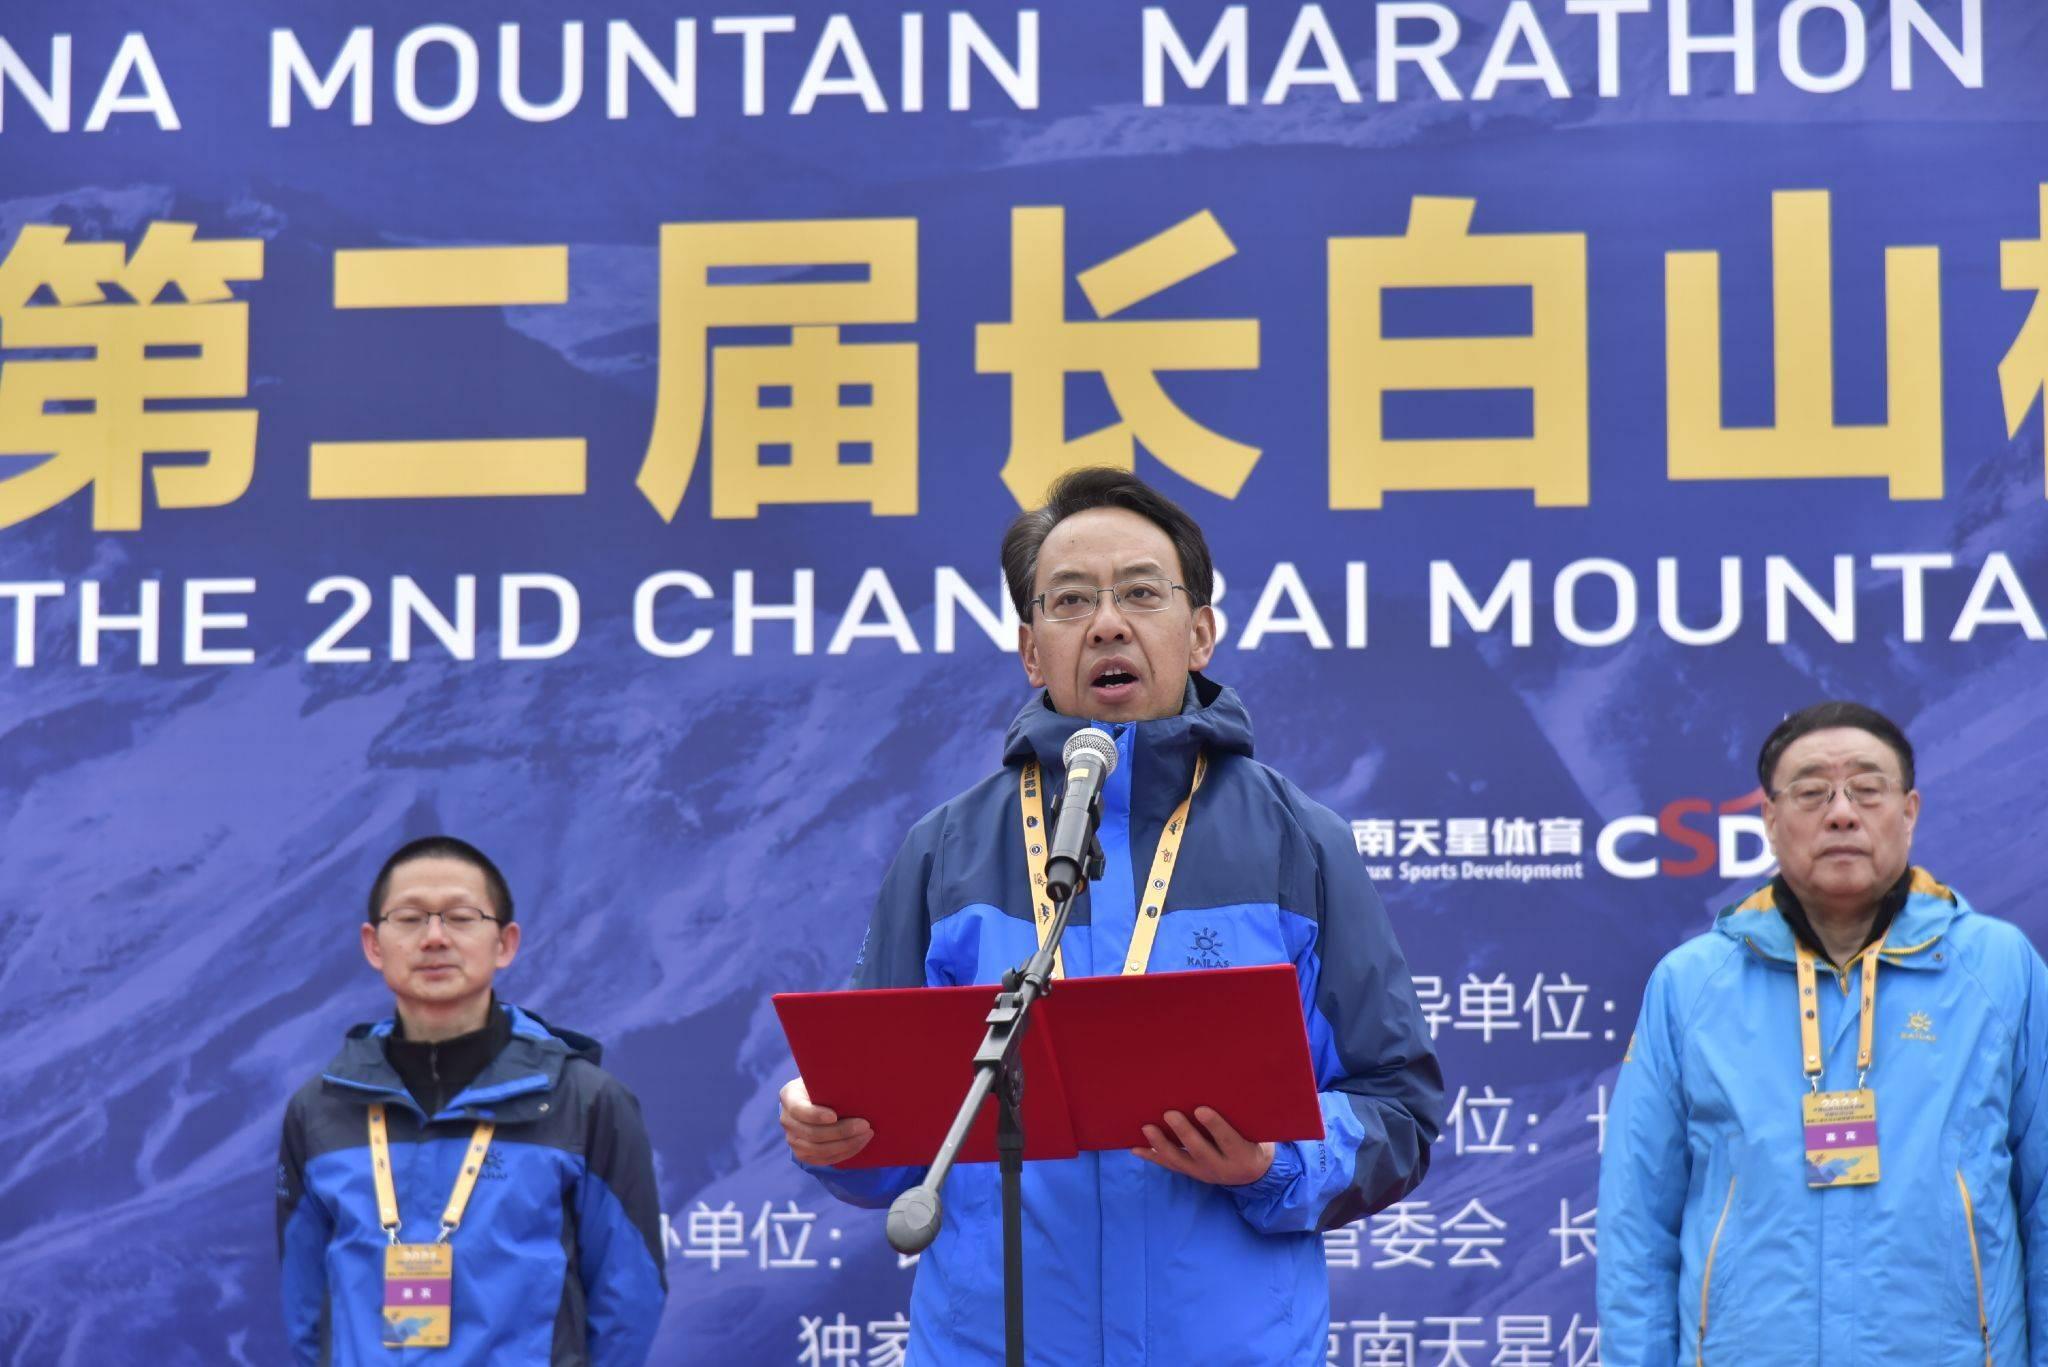 2021中国山地马拉松系列赛吉林长白山站暨第二届长白山林海雪地马拉松赛鸣枪开跑